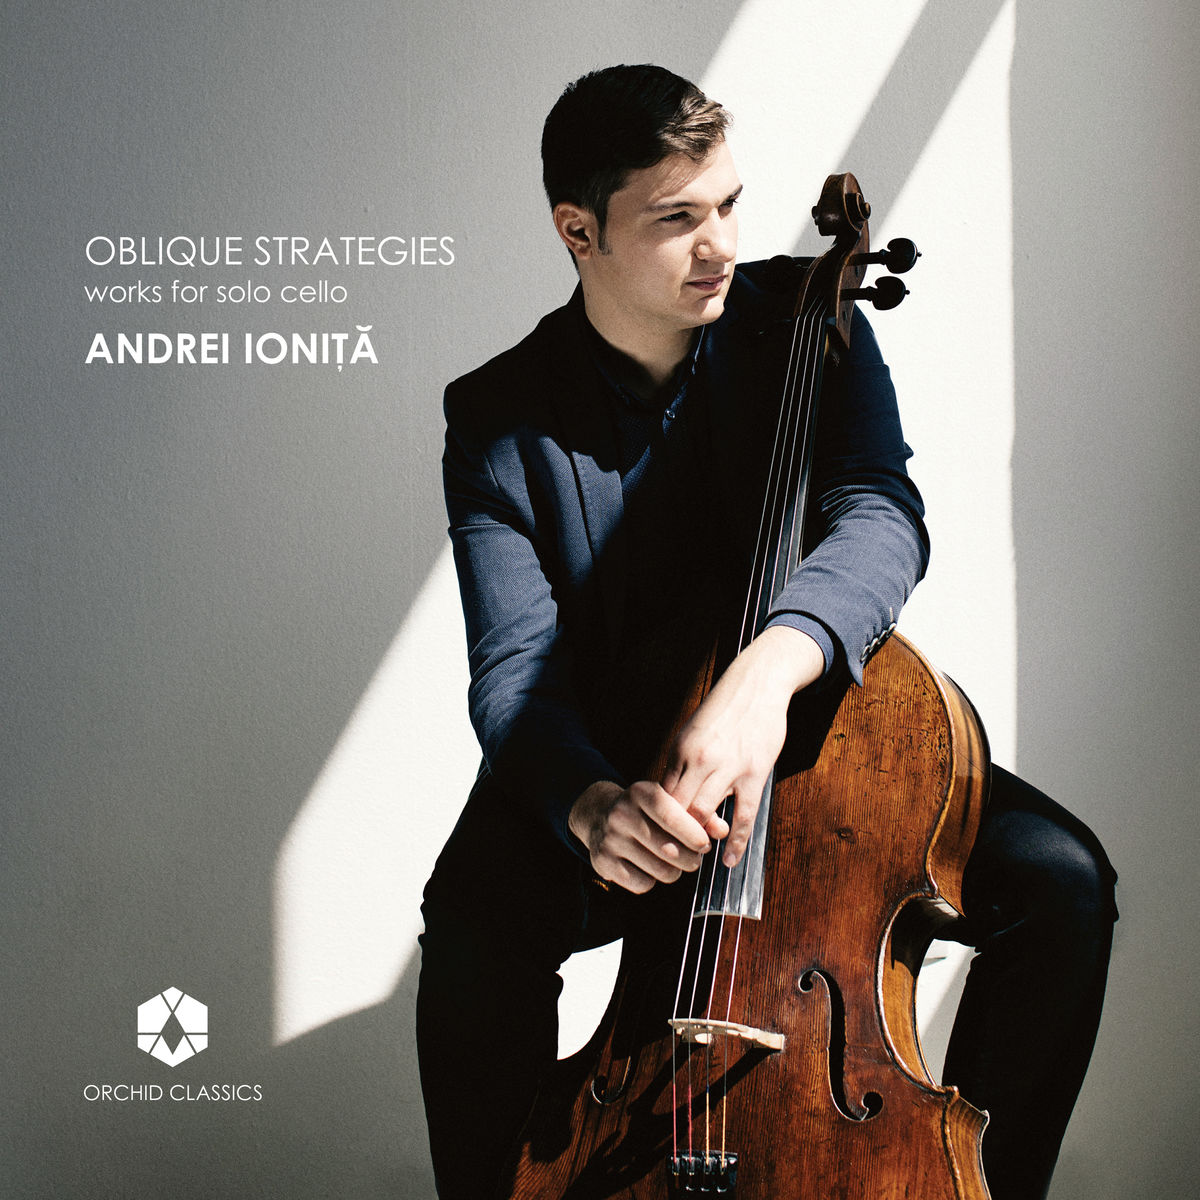 Andrei Ionita - Oblique Strategies (2019)